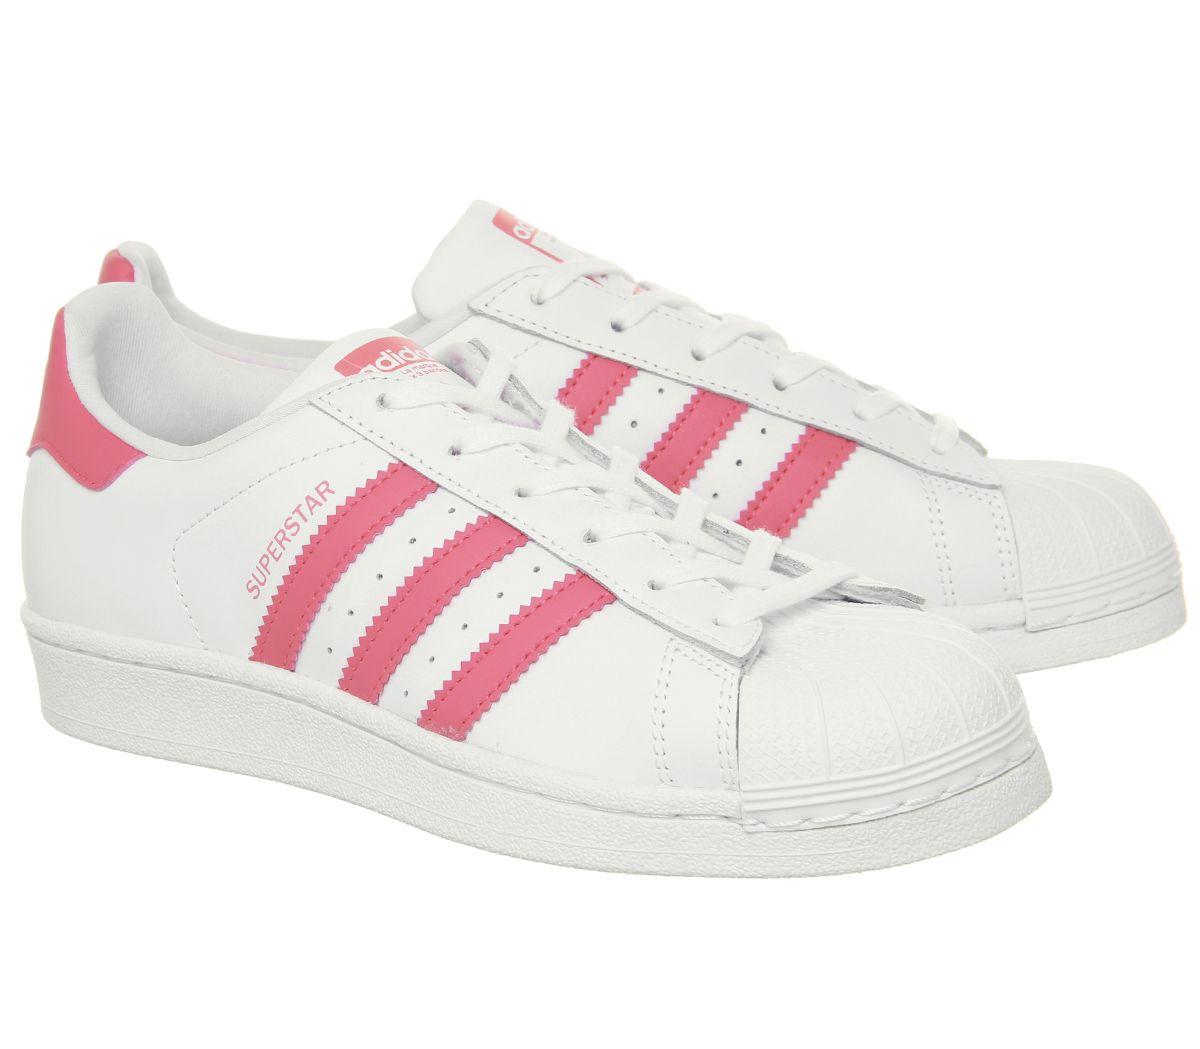 Dettagli su Da Donna Adidas Superstar GS Scarpe da ginnastica White Scarpe  Da Ginnastica Rosa Chiaro- mostra il titolo originale